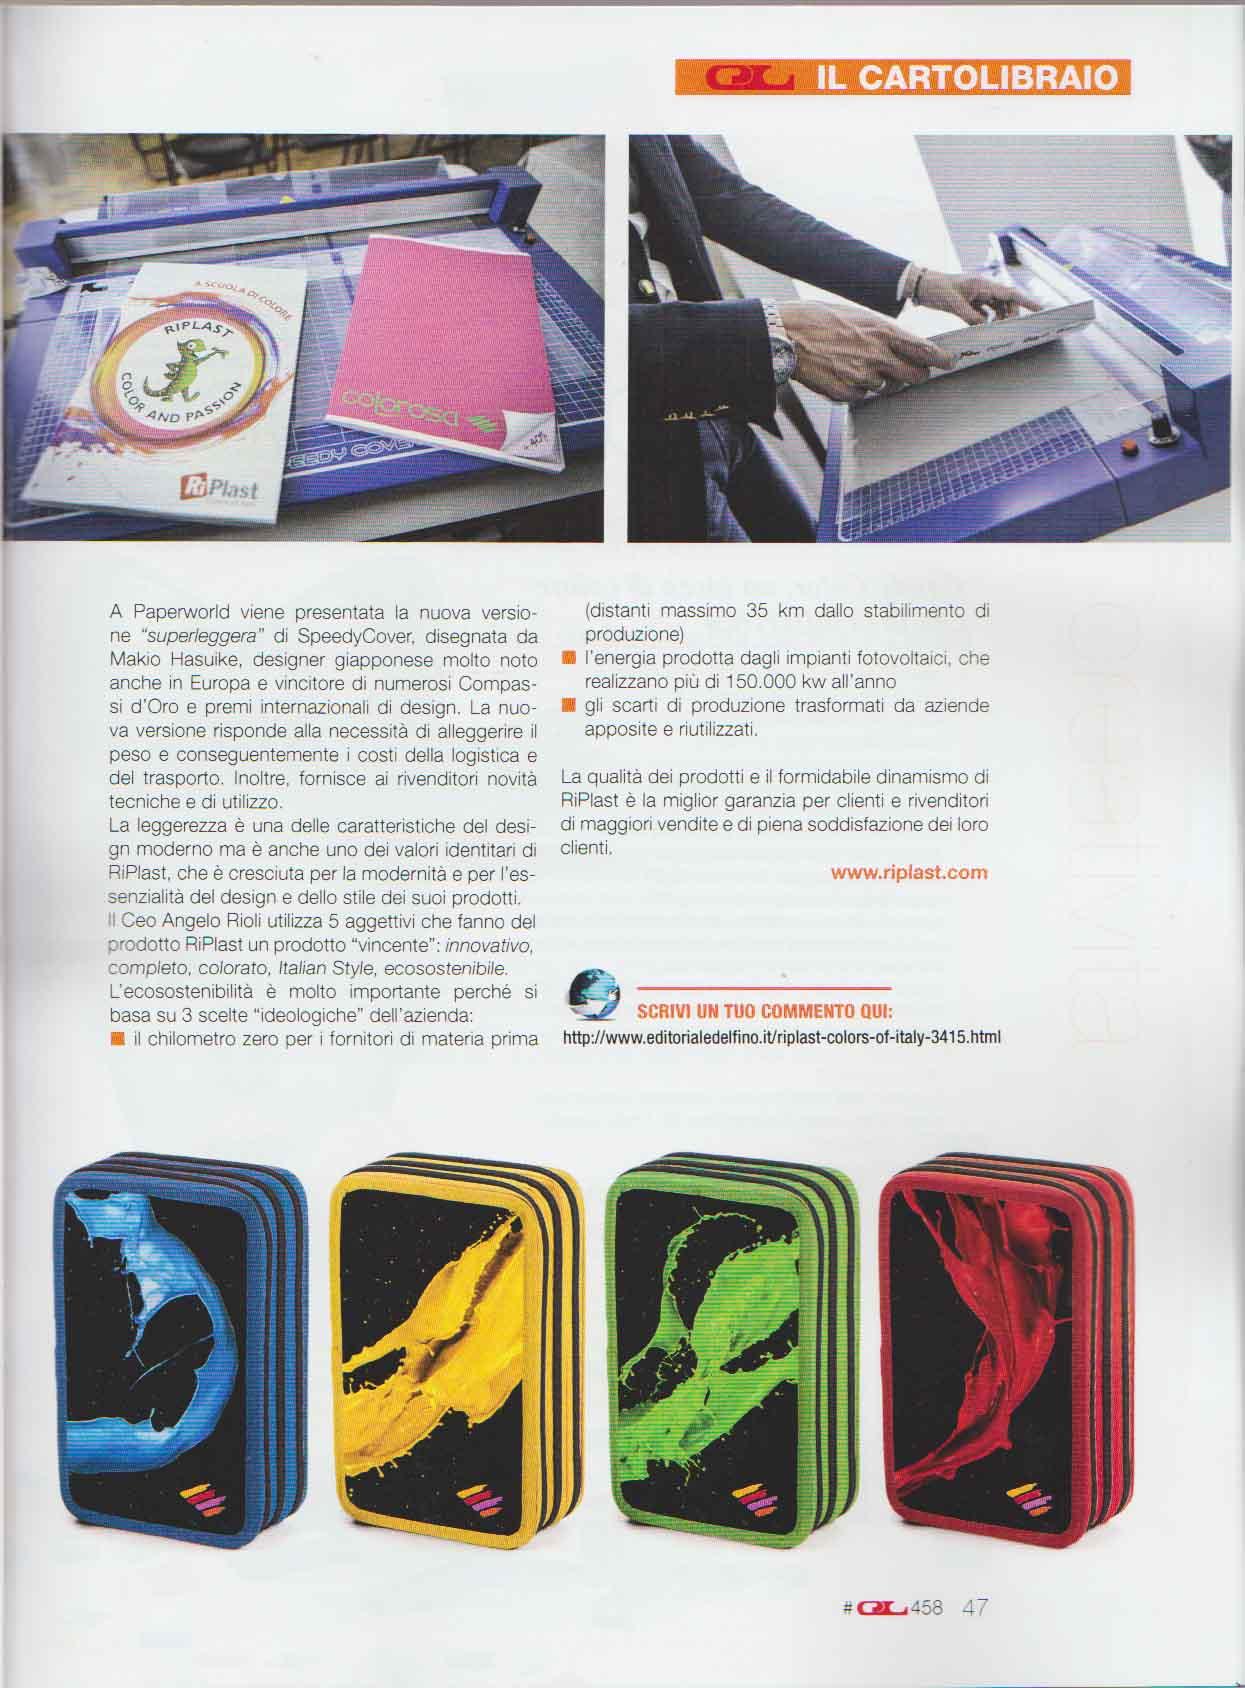 IL CARTOLIBRAIO n 458 - Colorosa + BKL Sport_4